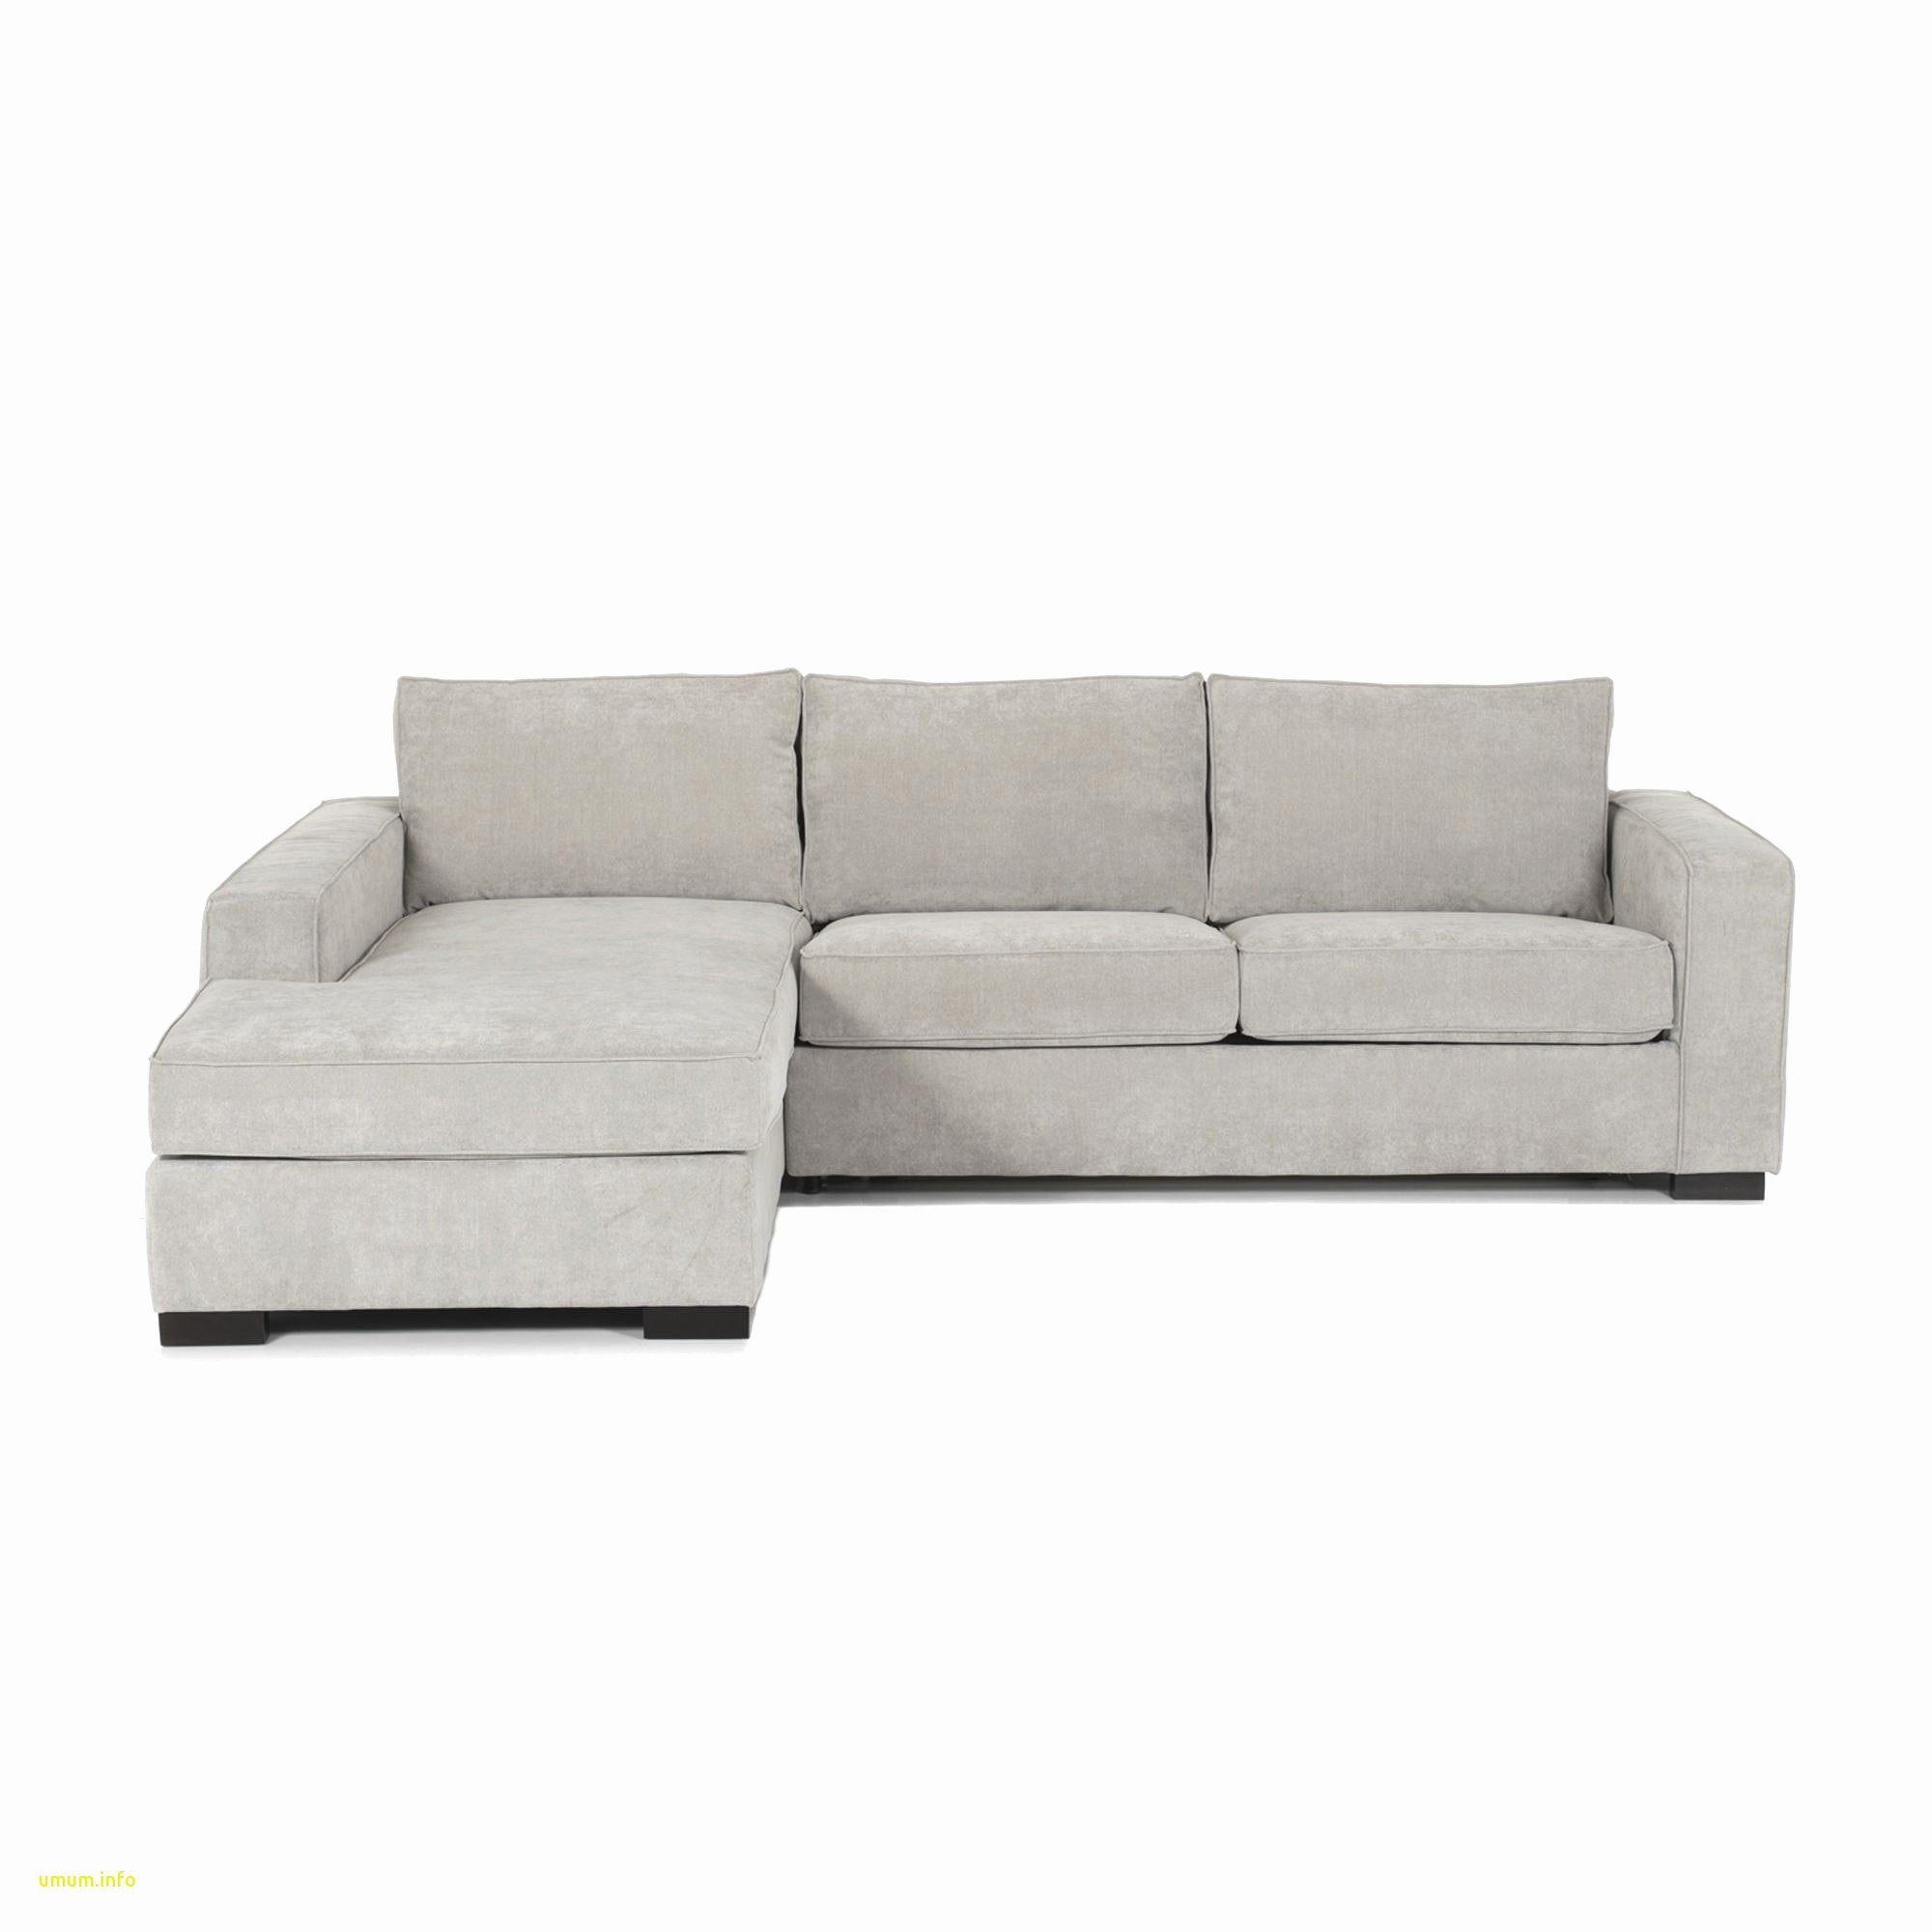 Lit Superposé Avec Armoire Le Luxe Entra Nant Lit Superposé Avec Canapé Sur Lit Biné Armoire Fresh Lit